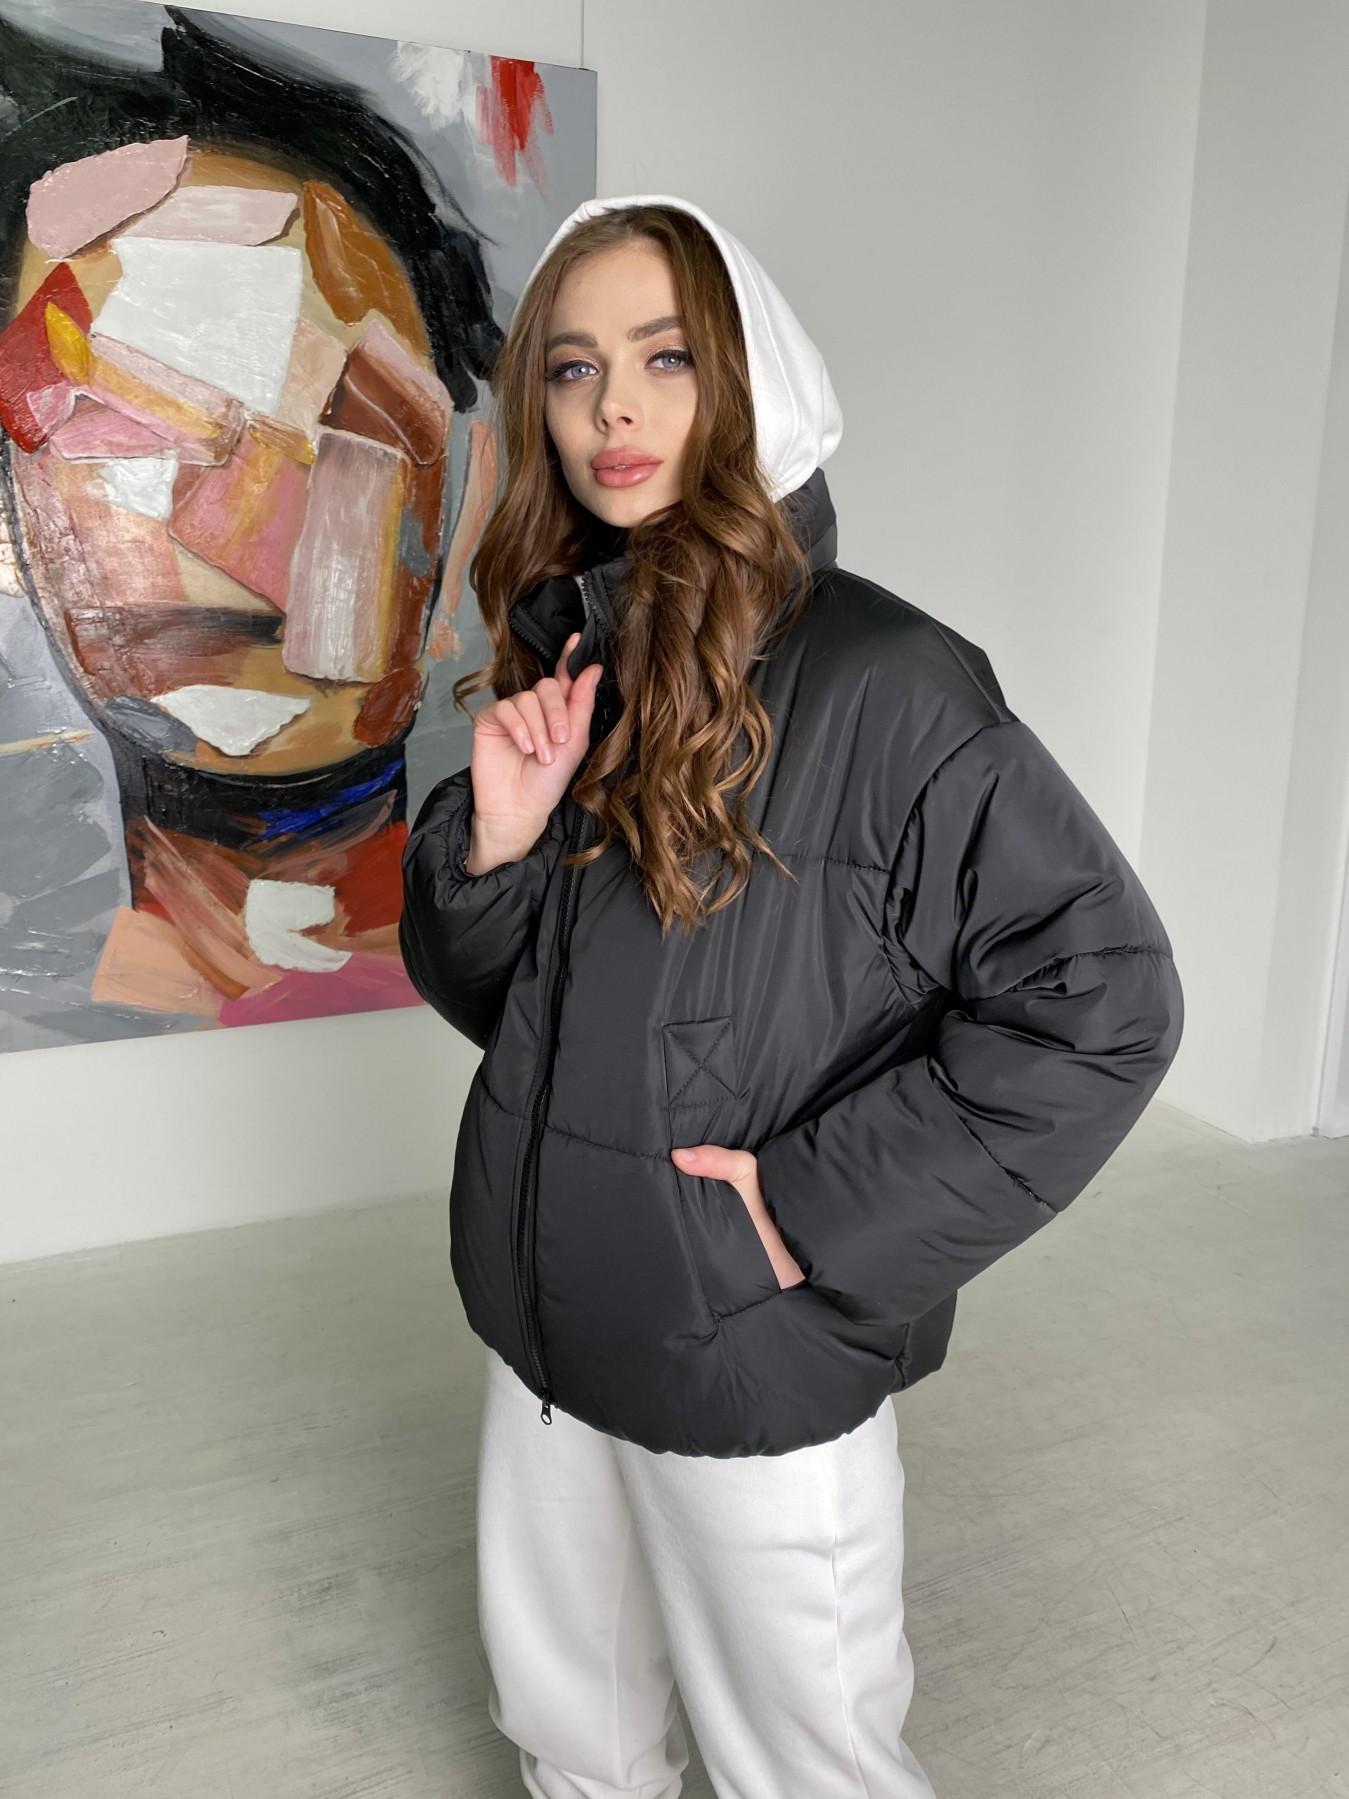 Муд куртка из плащевой ткани 10509 АРТ. 46854 Цвет: Черный - фото 4, интернет магазин tm-modus.ru